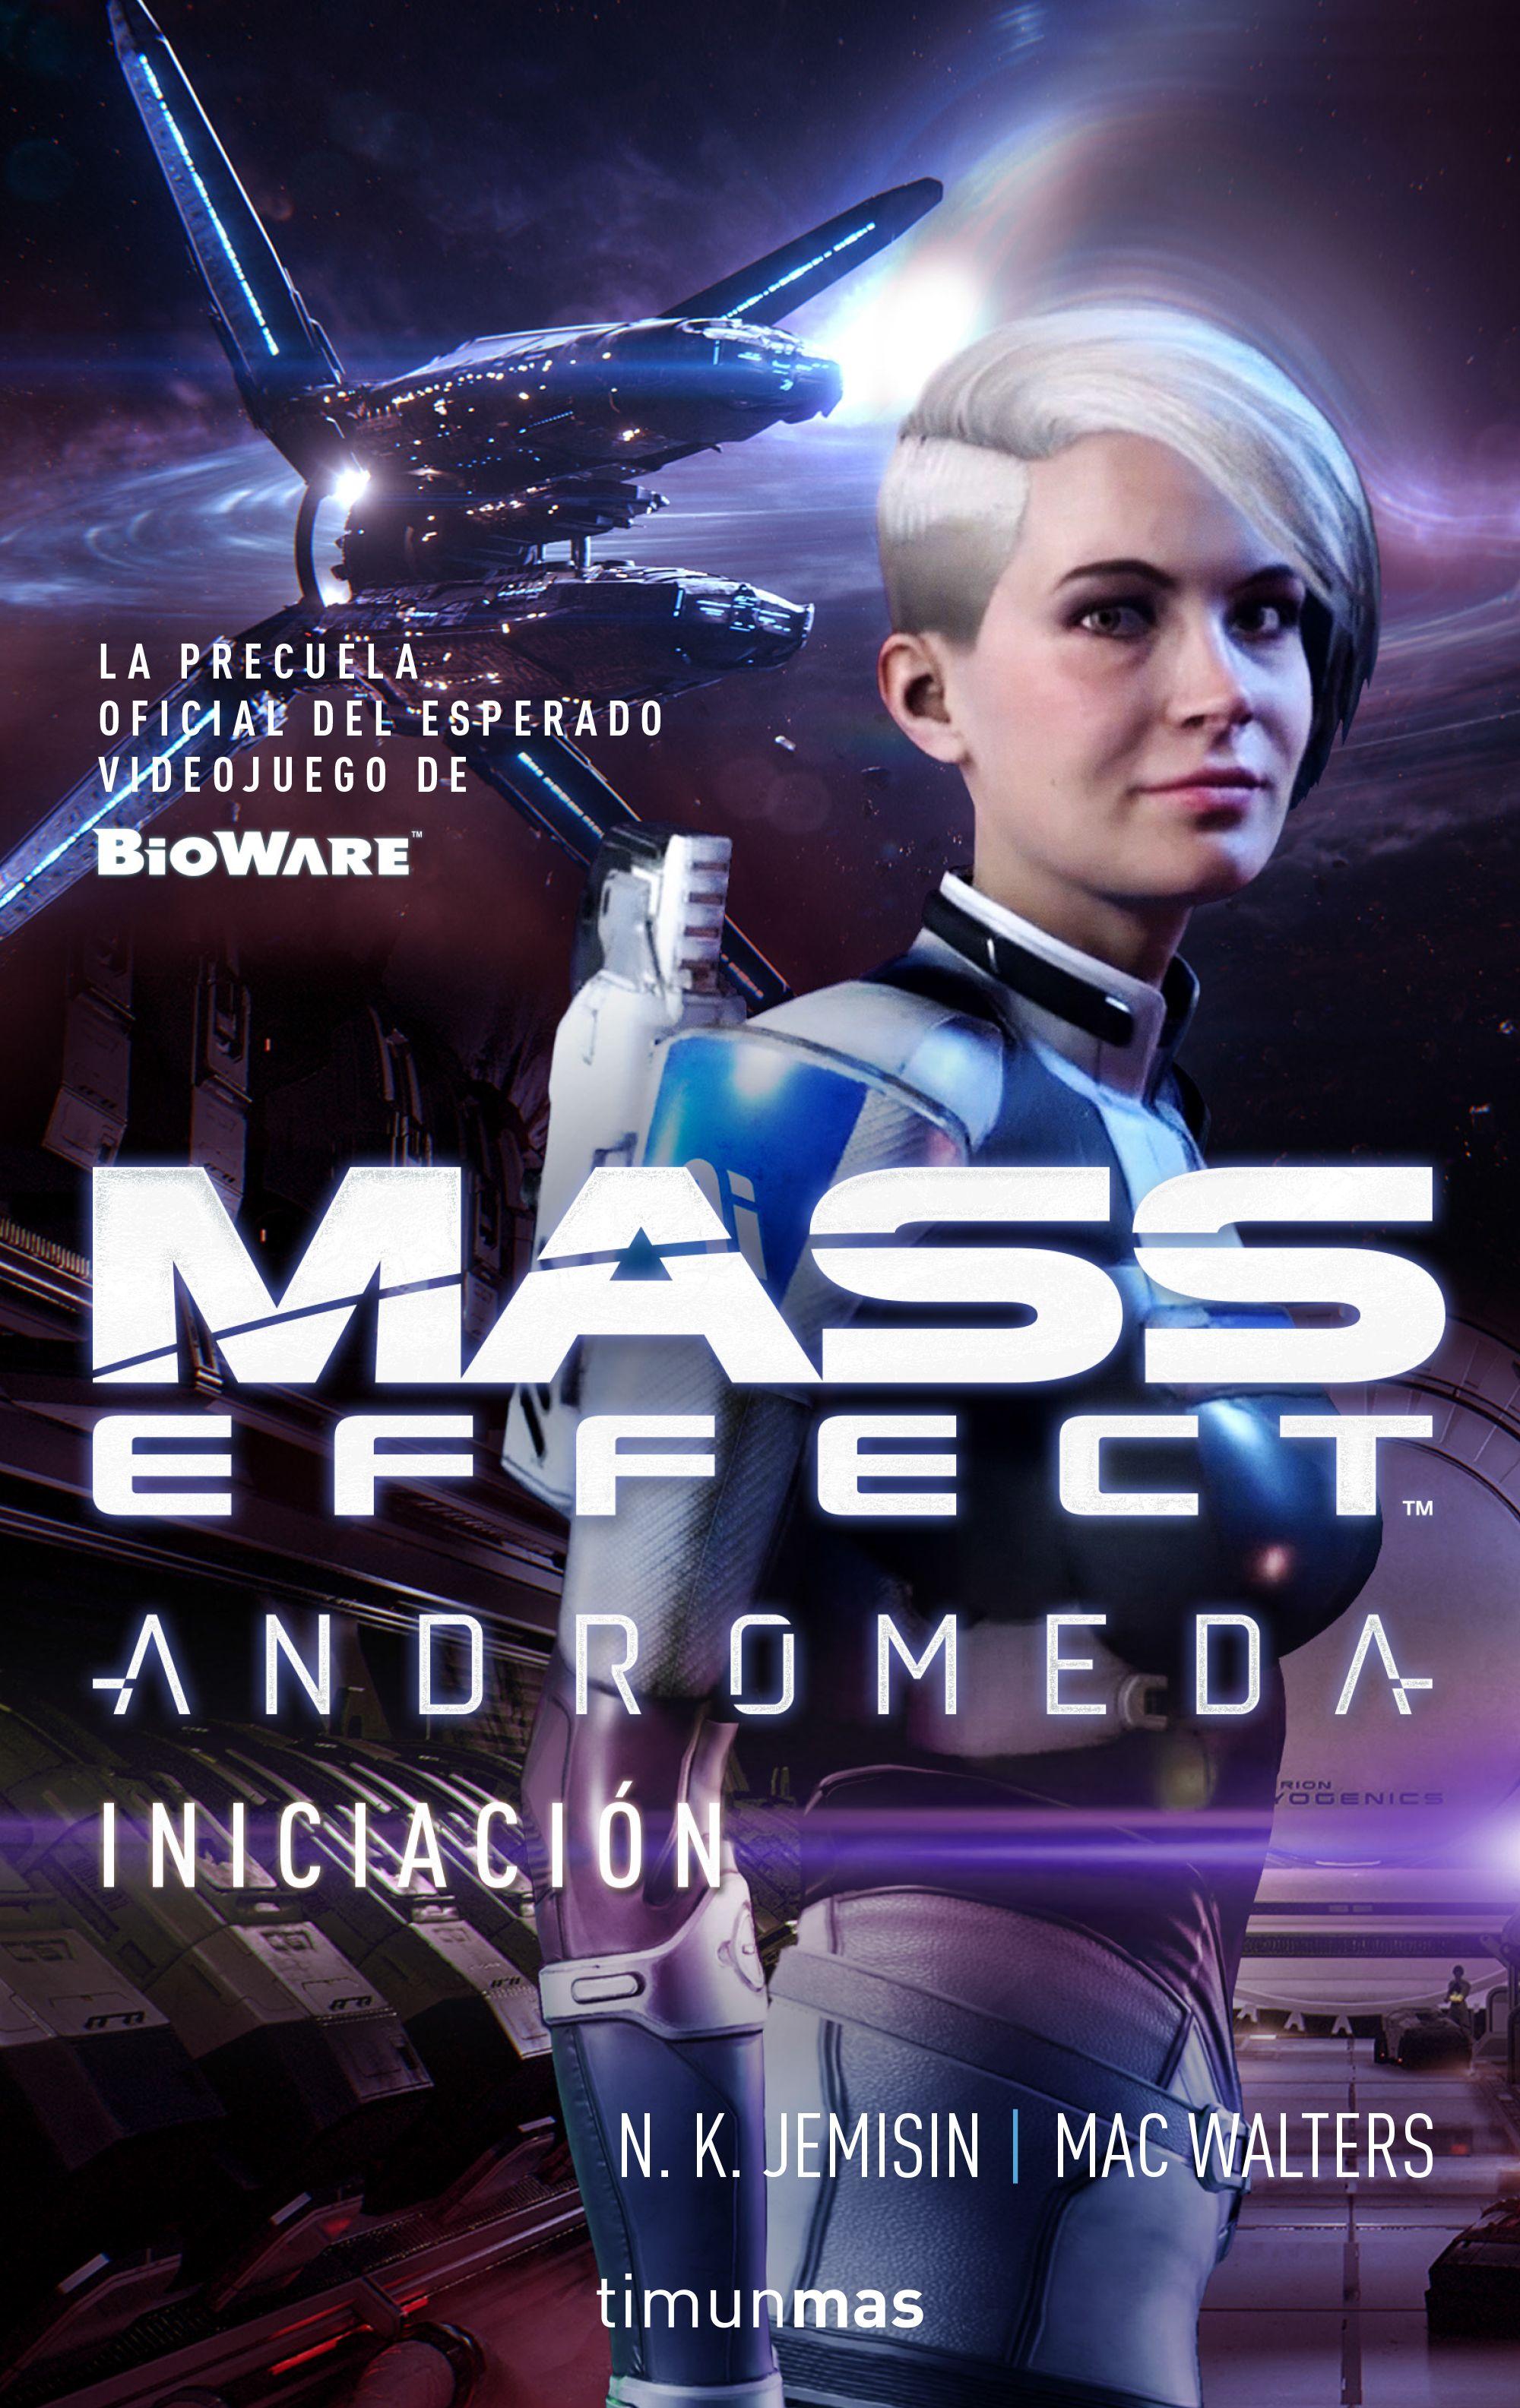 mass effect andromeda. iniciacion-n.k. jemisin-mac walters-9788445005101